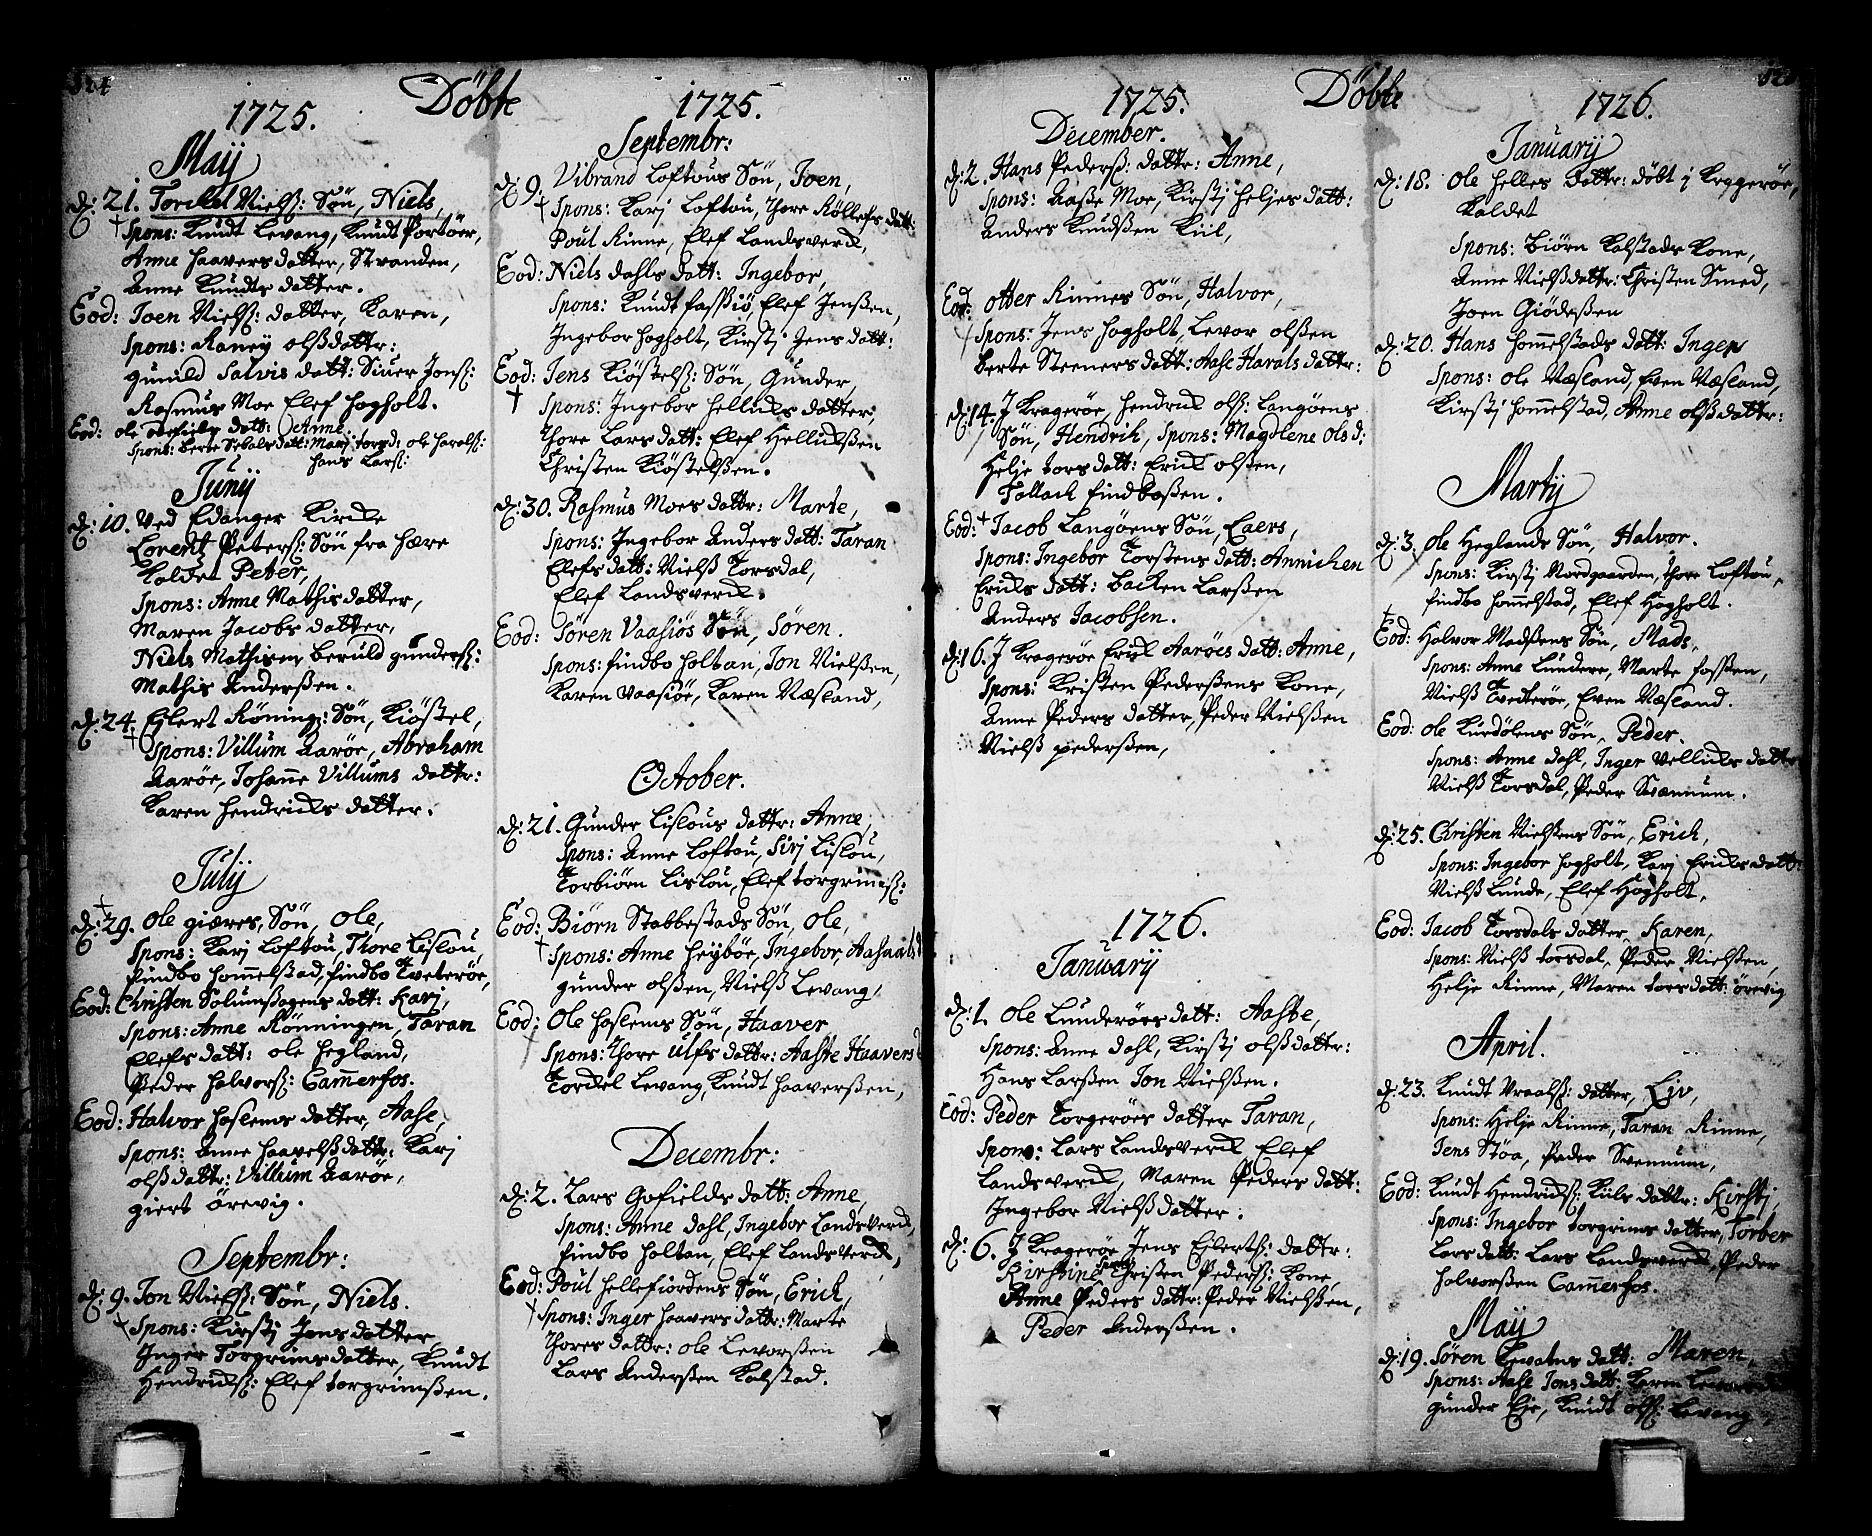 SAKO, Sannidal kirkebøker, F/Fa/L0001: Ministerialbok nr. 1, 1702-1766, s. 124-125